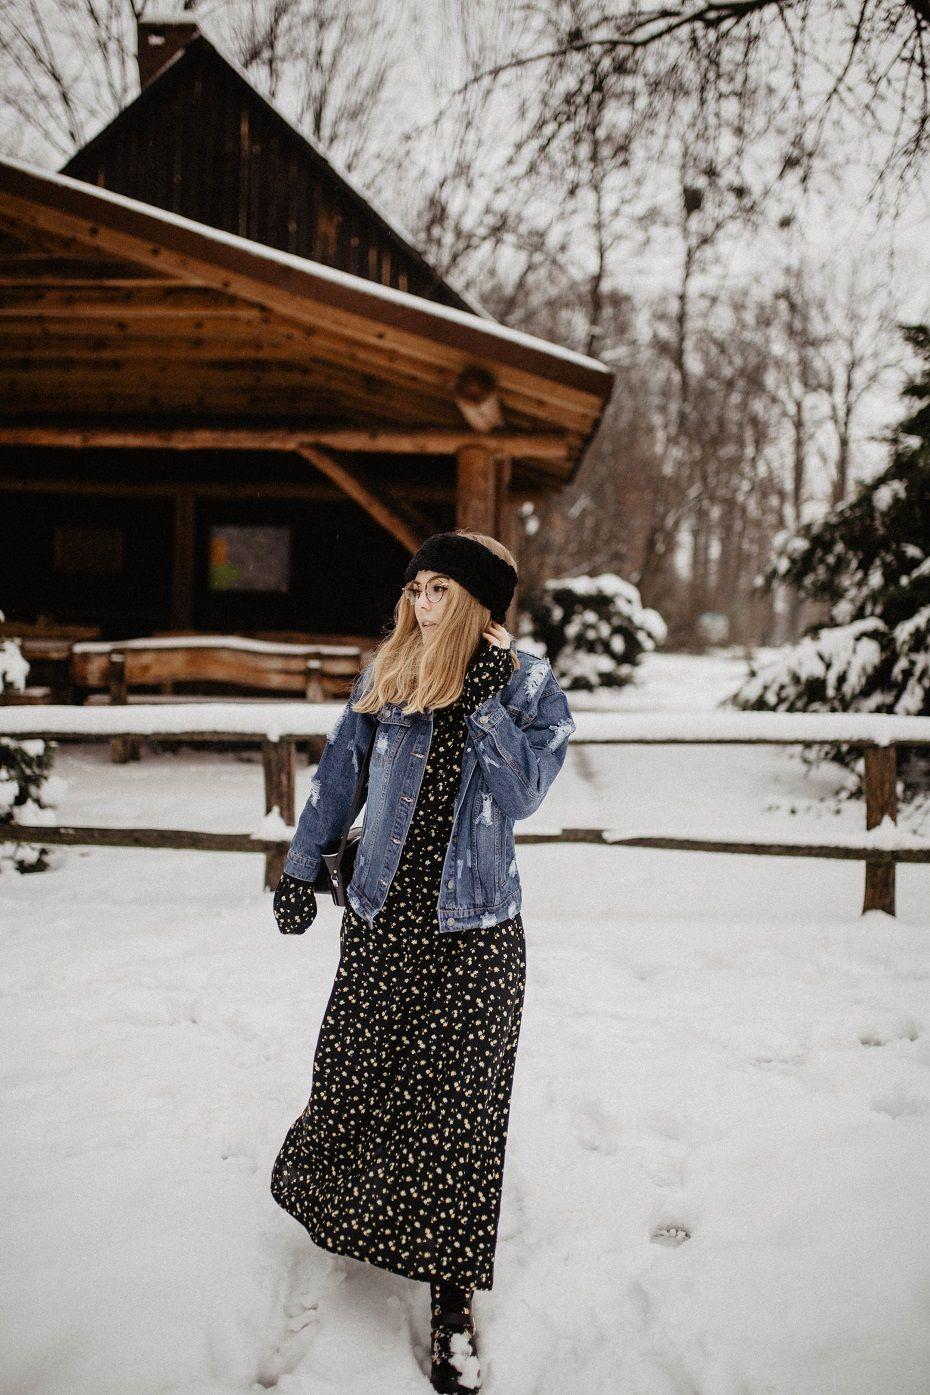 Sukienka Maxi W Kwiaty Rozalia Maxi Outfits Maxi Dress Denim Jacket Winter